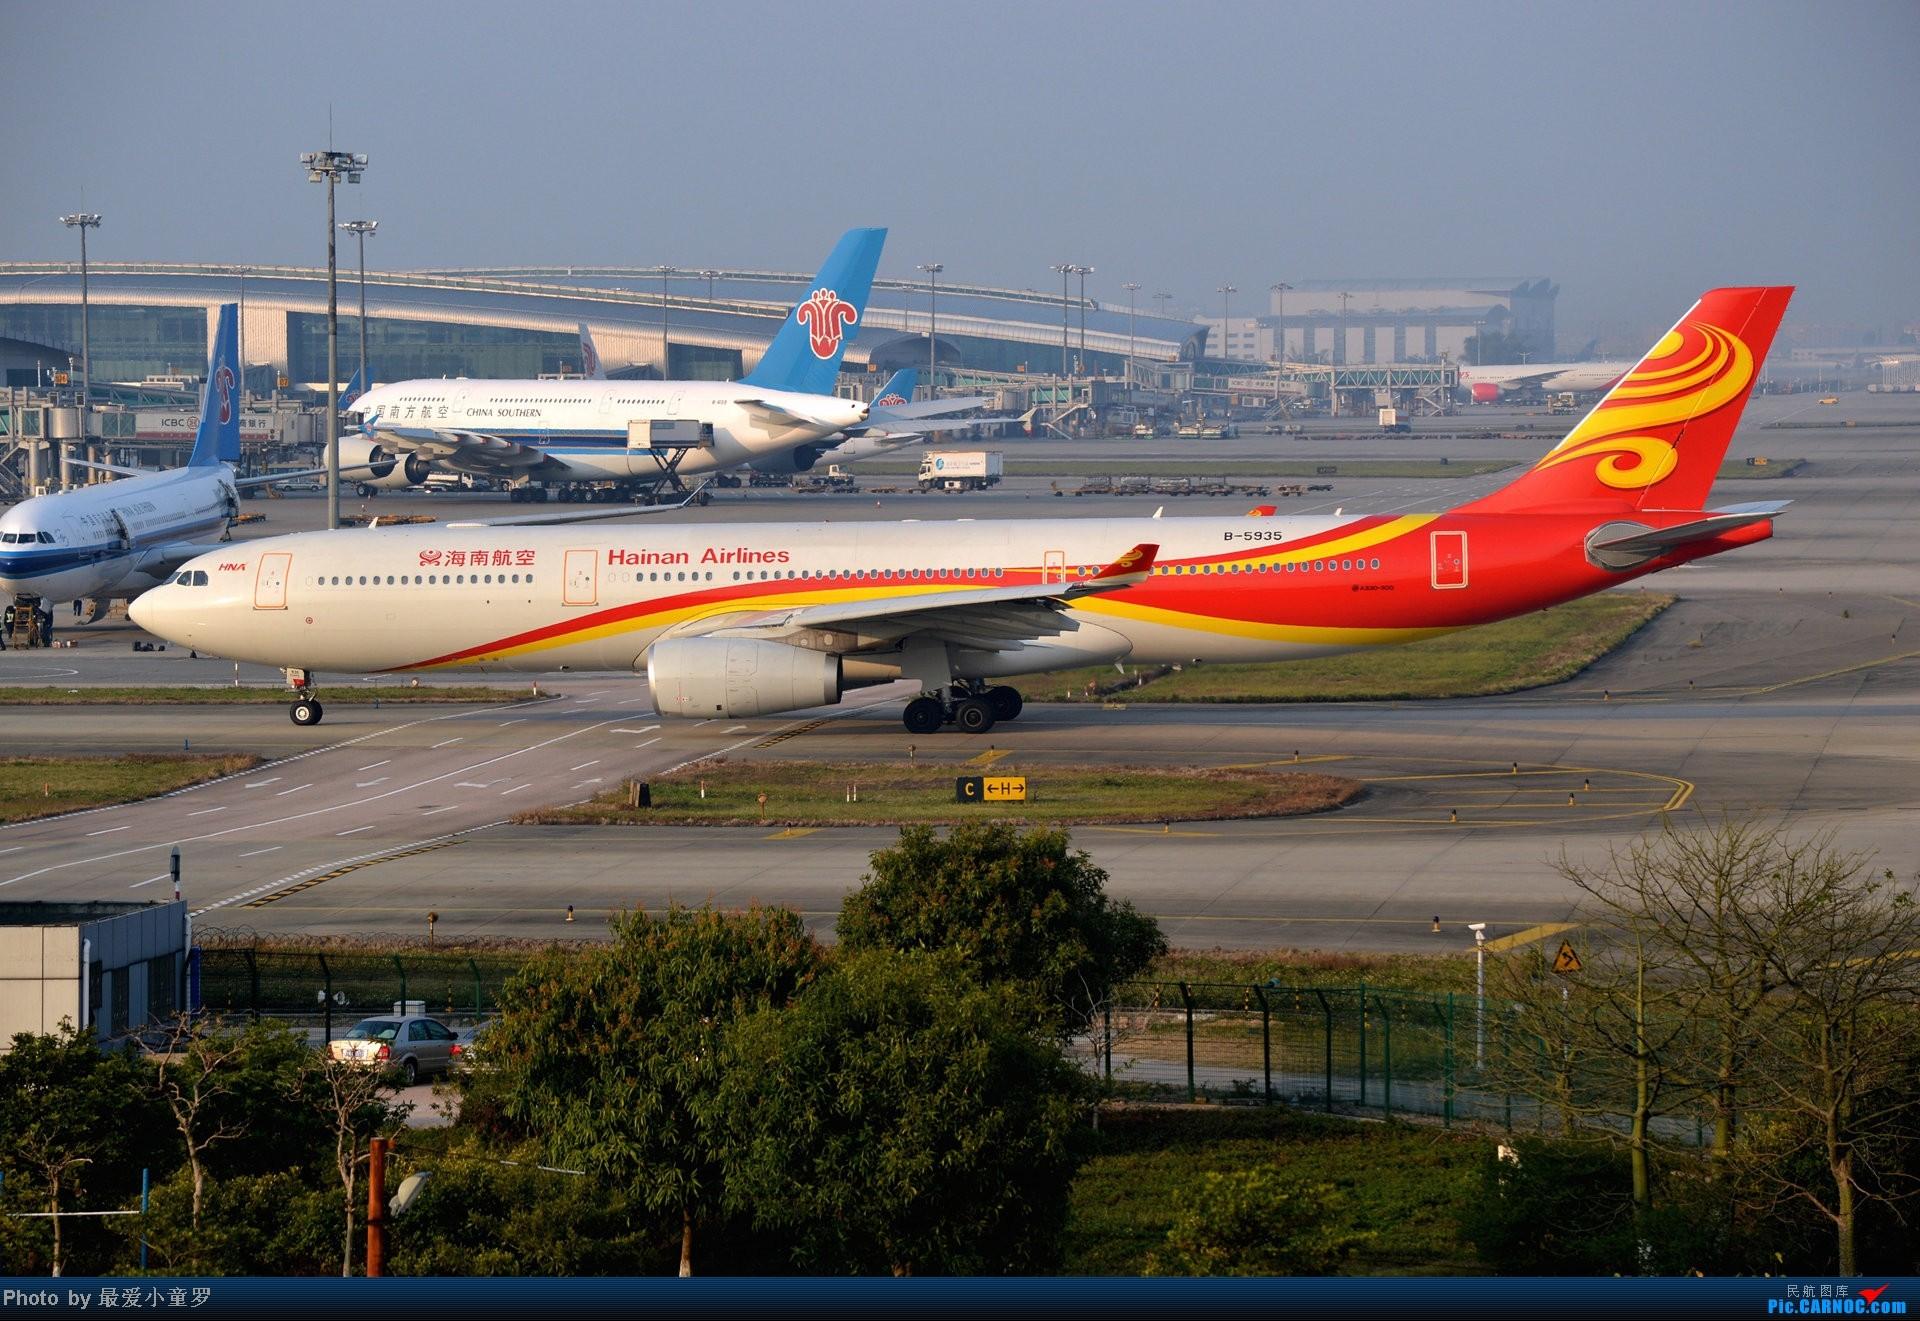 Re:[原创]好天拍机,去年12月21日广州消防塔拍机 AIRBUS A330-300 B-5935 中国广州白云机场